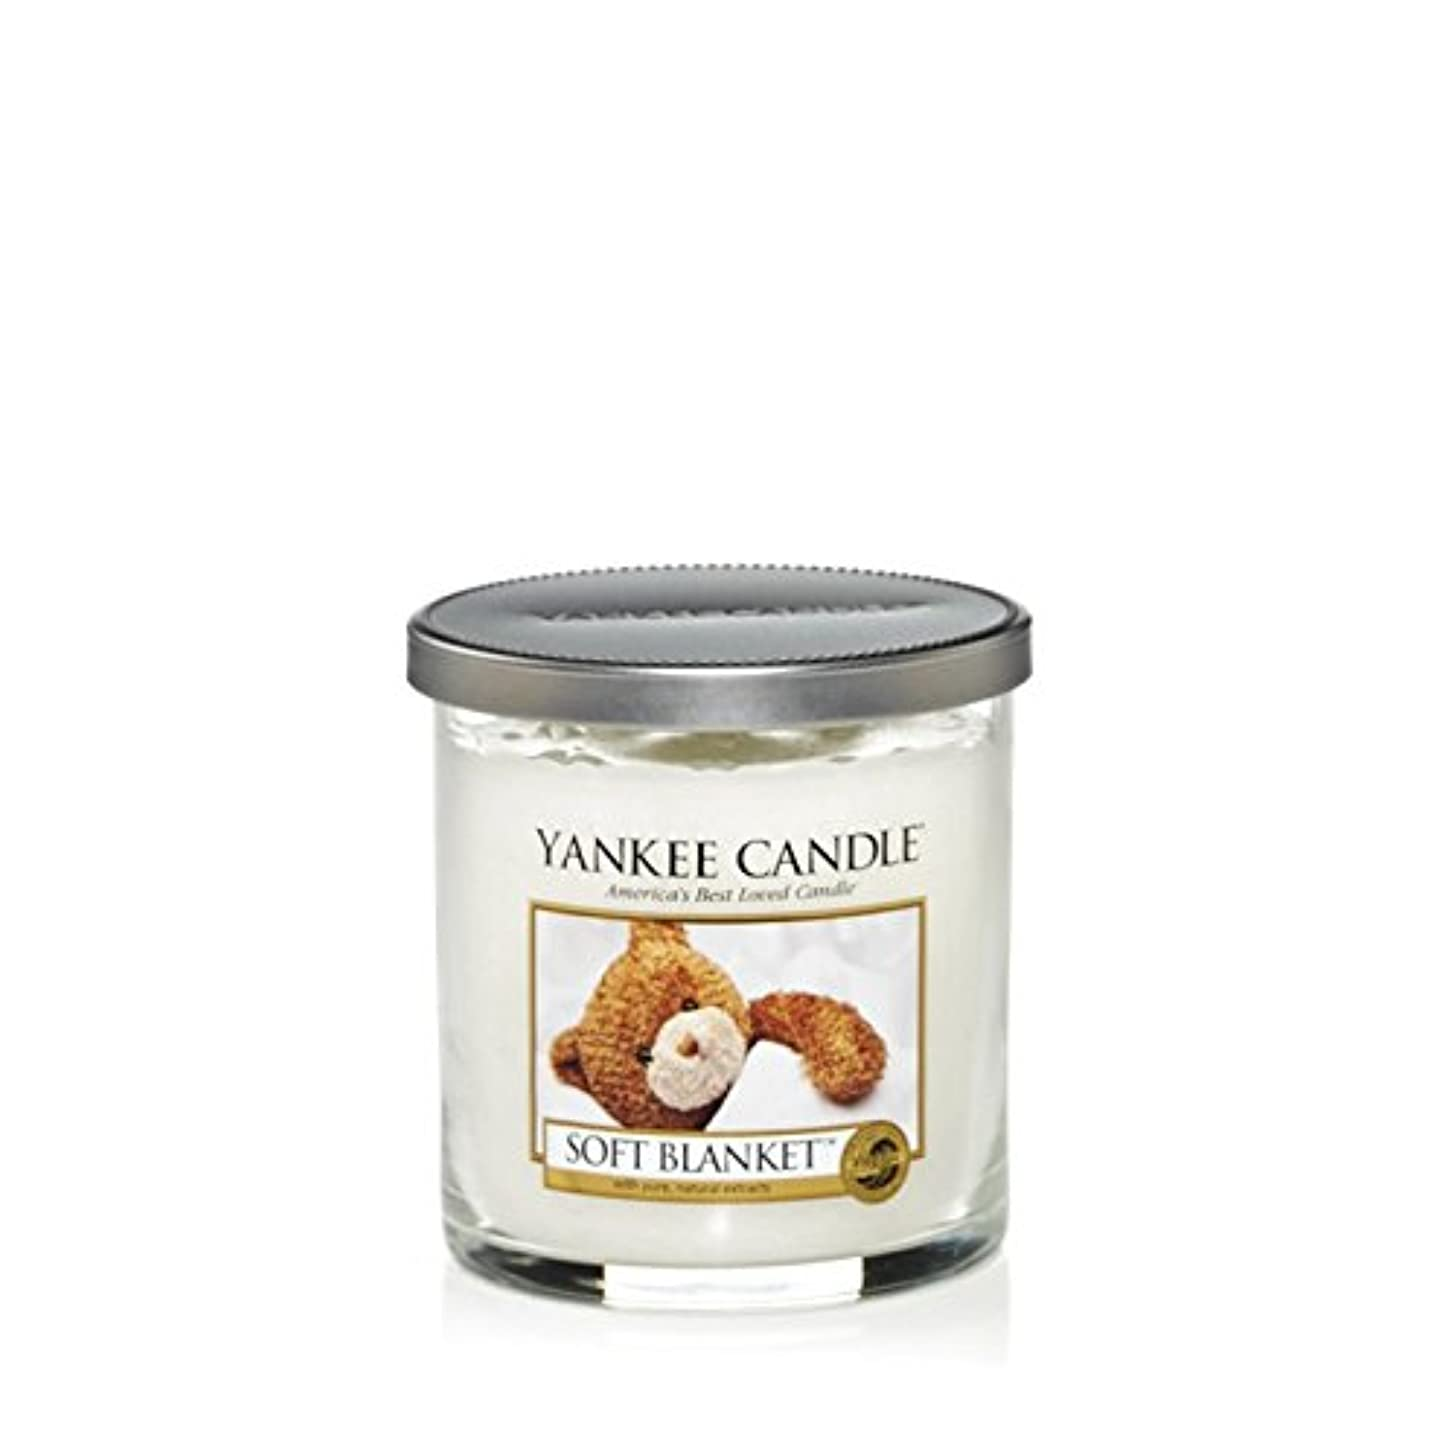 部族酔っ払い適応的Yankee Candles Small Pillar Candle - Soft Blanket (Pack of 2) - ヤンキーキャンドルの小さな柱キャンドル - ソフト毛布 (x2) [並行輸入品]